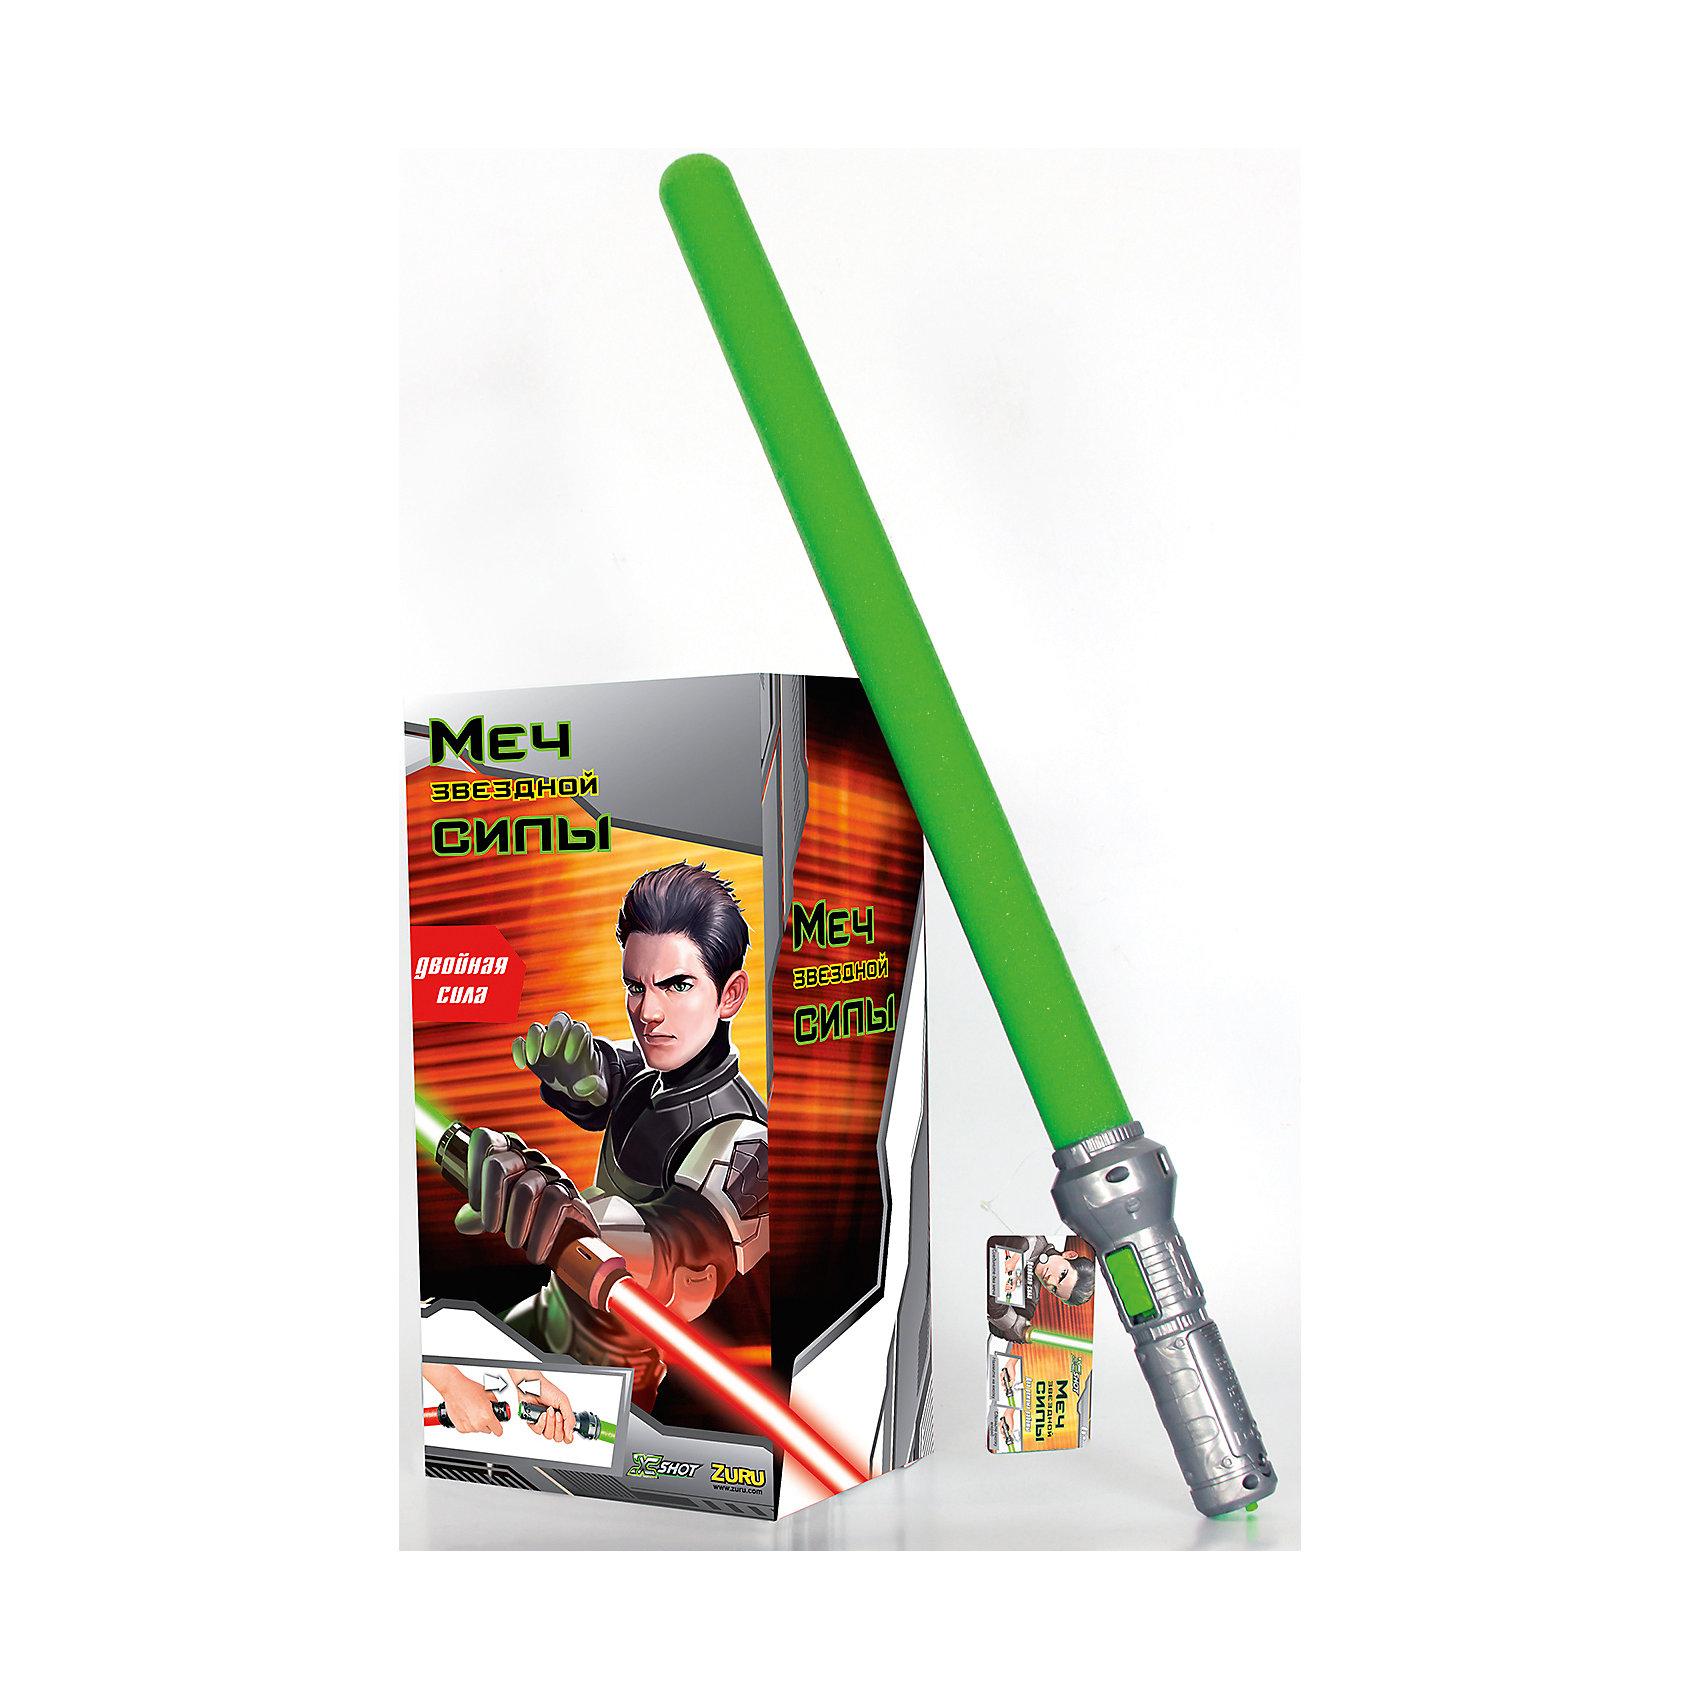 Звездный Меч Силы, зеленый, ZURUЗвездные войны Игрушки<br>Звездный Меч Силы, зеленый, ZURU (ЗУРУ) – это отличный подарок для поклонника Звездных войн.<br>Световой меч с мягким безопасным лезвием, которое светится благодаря светодиодной подсветке. Это придает игре невероятную реалистичность. Лезвие меча сделано из легкой вспененной резины. Пластиковая рукоятка меча удобно лежит в руке. При нажатии на специальную кнопку лезвие начинает светиться ярко-зеленым светом, как настоящий световой меч джедаев! Можно соединить рукоятки 2-х мечей чтобы получить единый боевой шест - двухклинковый световой меч, который можно крутить вокруг своей оси. Меч позволит любому ребенку почувствовать себя героем знаменитой саги и одержать победу над любым противником.<br><br>Дополнительная информация:<br><br>- Длина меча: 65 см.<br>- Цвет: ярко-зеленый<br>- Батарейки: 2 типа ААА (входят в комплект)<br>- Материал: пластик, вспененная резина<br><br>Звездный Меч Силы, зеленый, ZURU (ЗУРУ) можно купить в нашем интернет-магазине.<br><br>Ширина мм: 17<br>Глубина мм: 20<br>Высота мм: 68<br>Вес г: 1900<br>Возраст от месяцев: 36<br>Возраст до месяцев: 96<br>Пол: Мужской<br>Возраст: Детский<br>SKU: 4613972